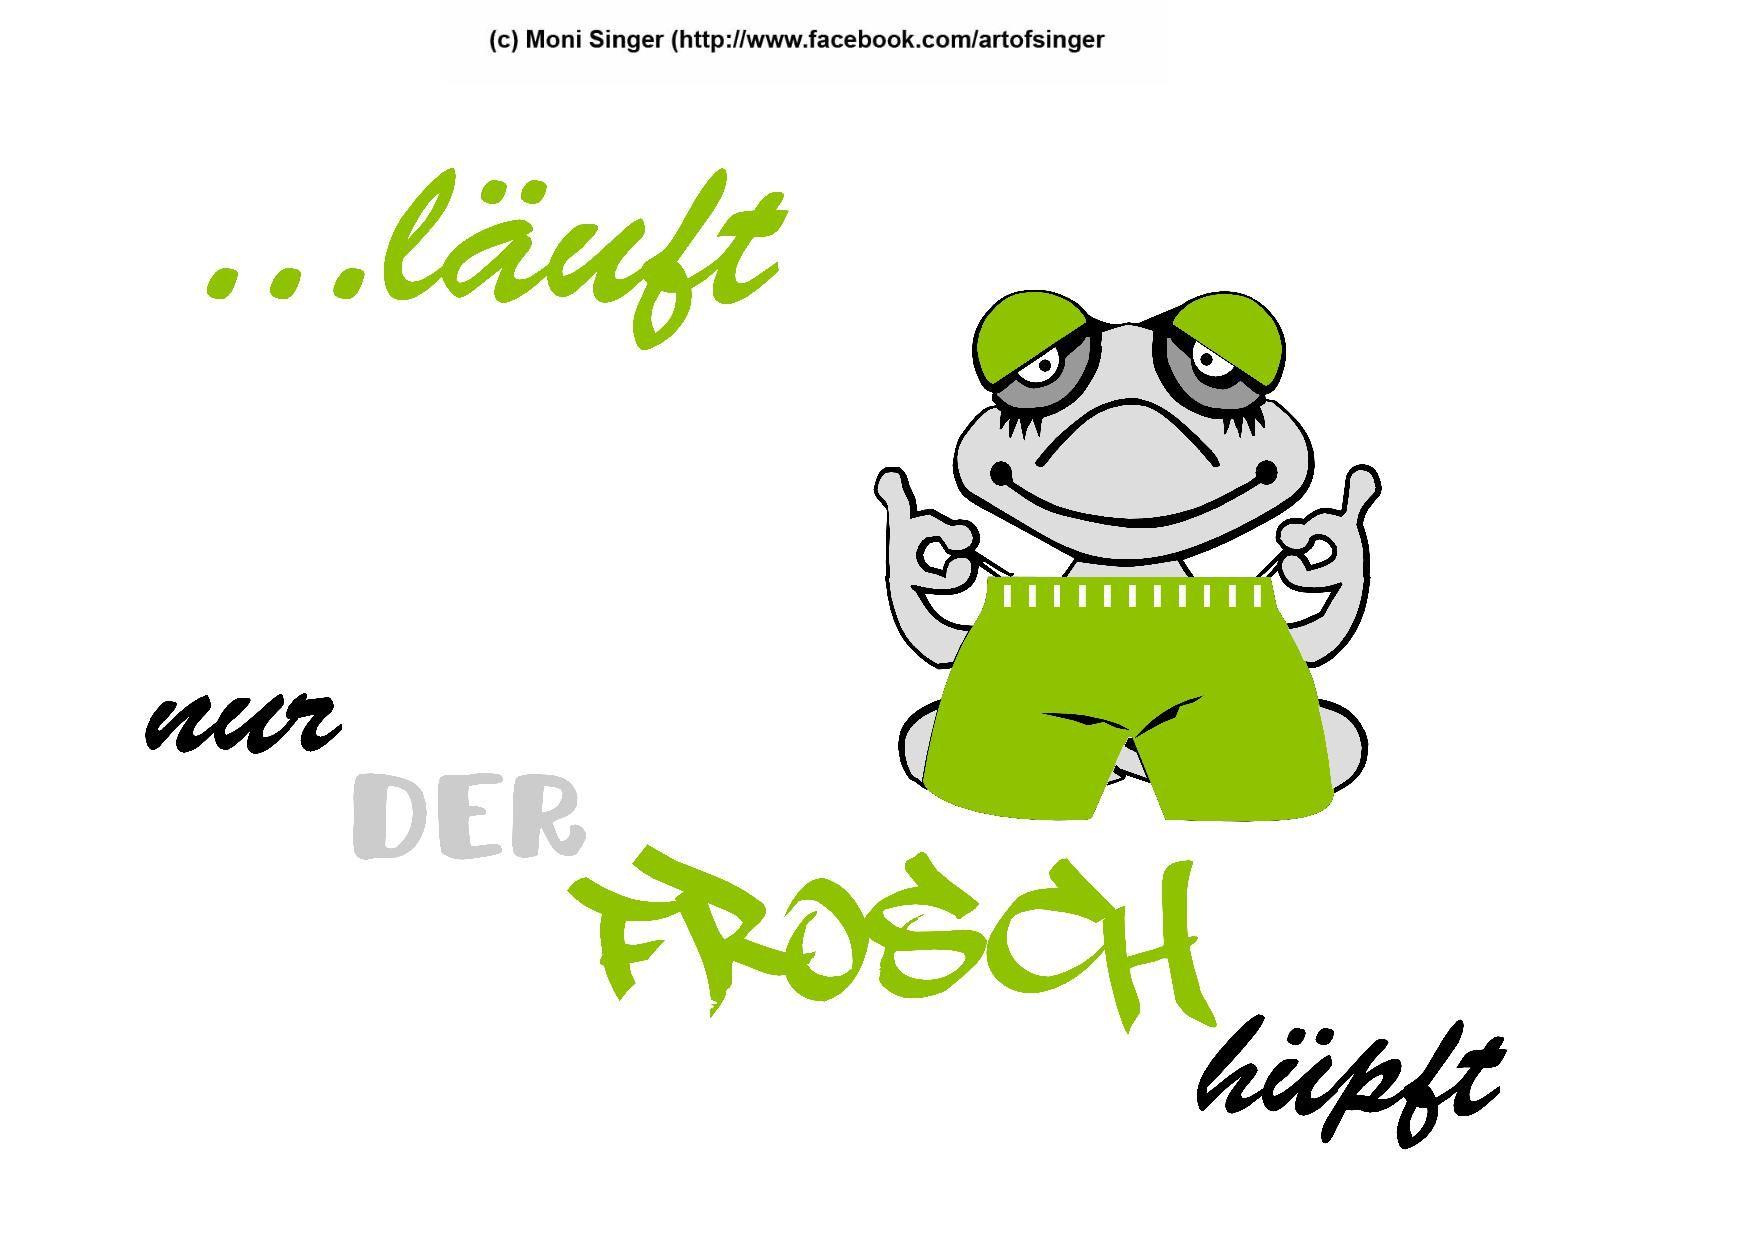 Silhouette plotter file free, Plotter Datei kostenlos, plotter freebie, Frosch ... läuft nur der Frosch hüpft, frog